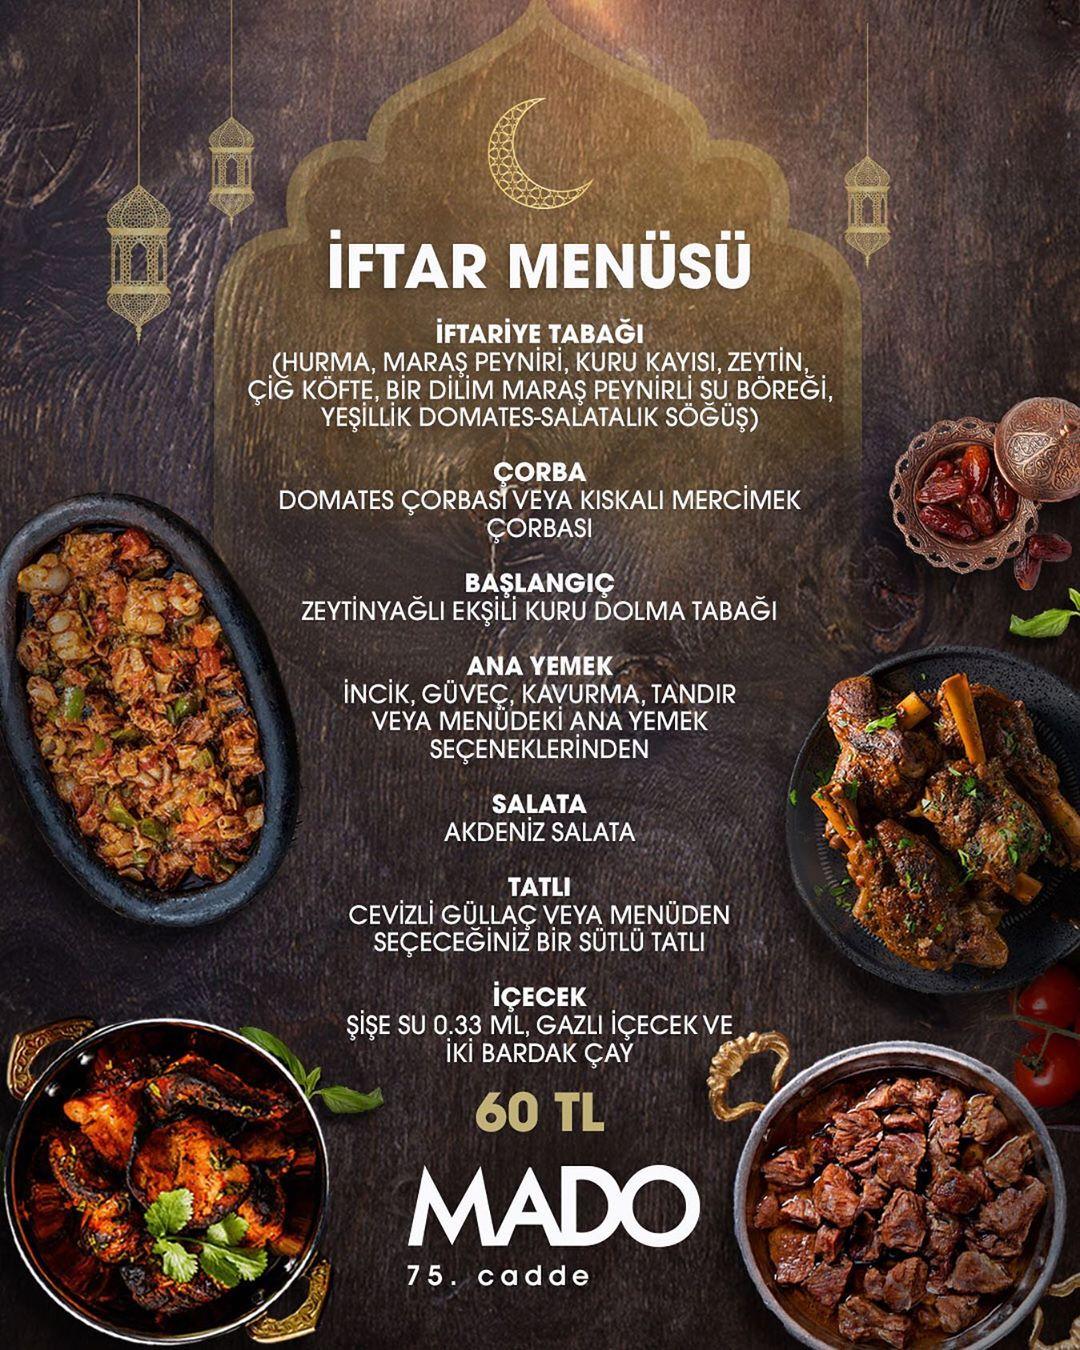 diyarbakır iftar mekanları diyarbakır iftar menüleri diyarbakır ramazan programı diyarbakır iftar menü fiyatları